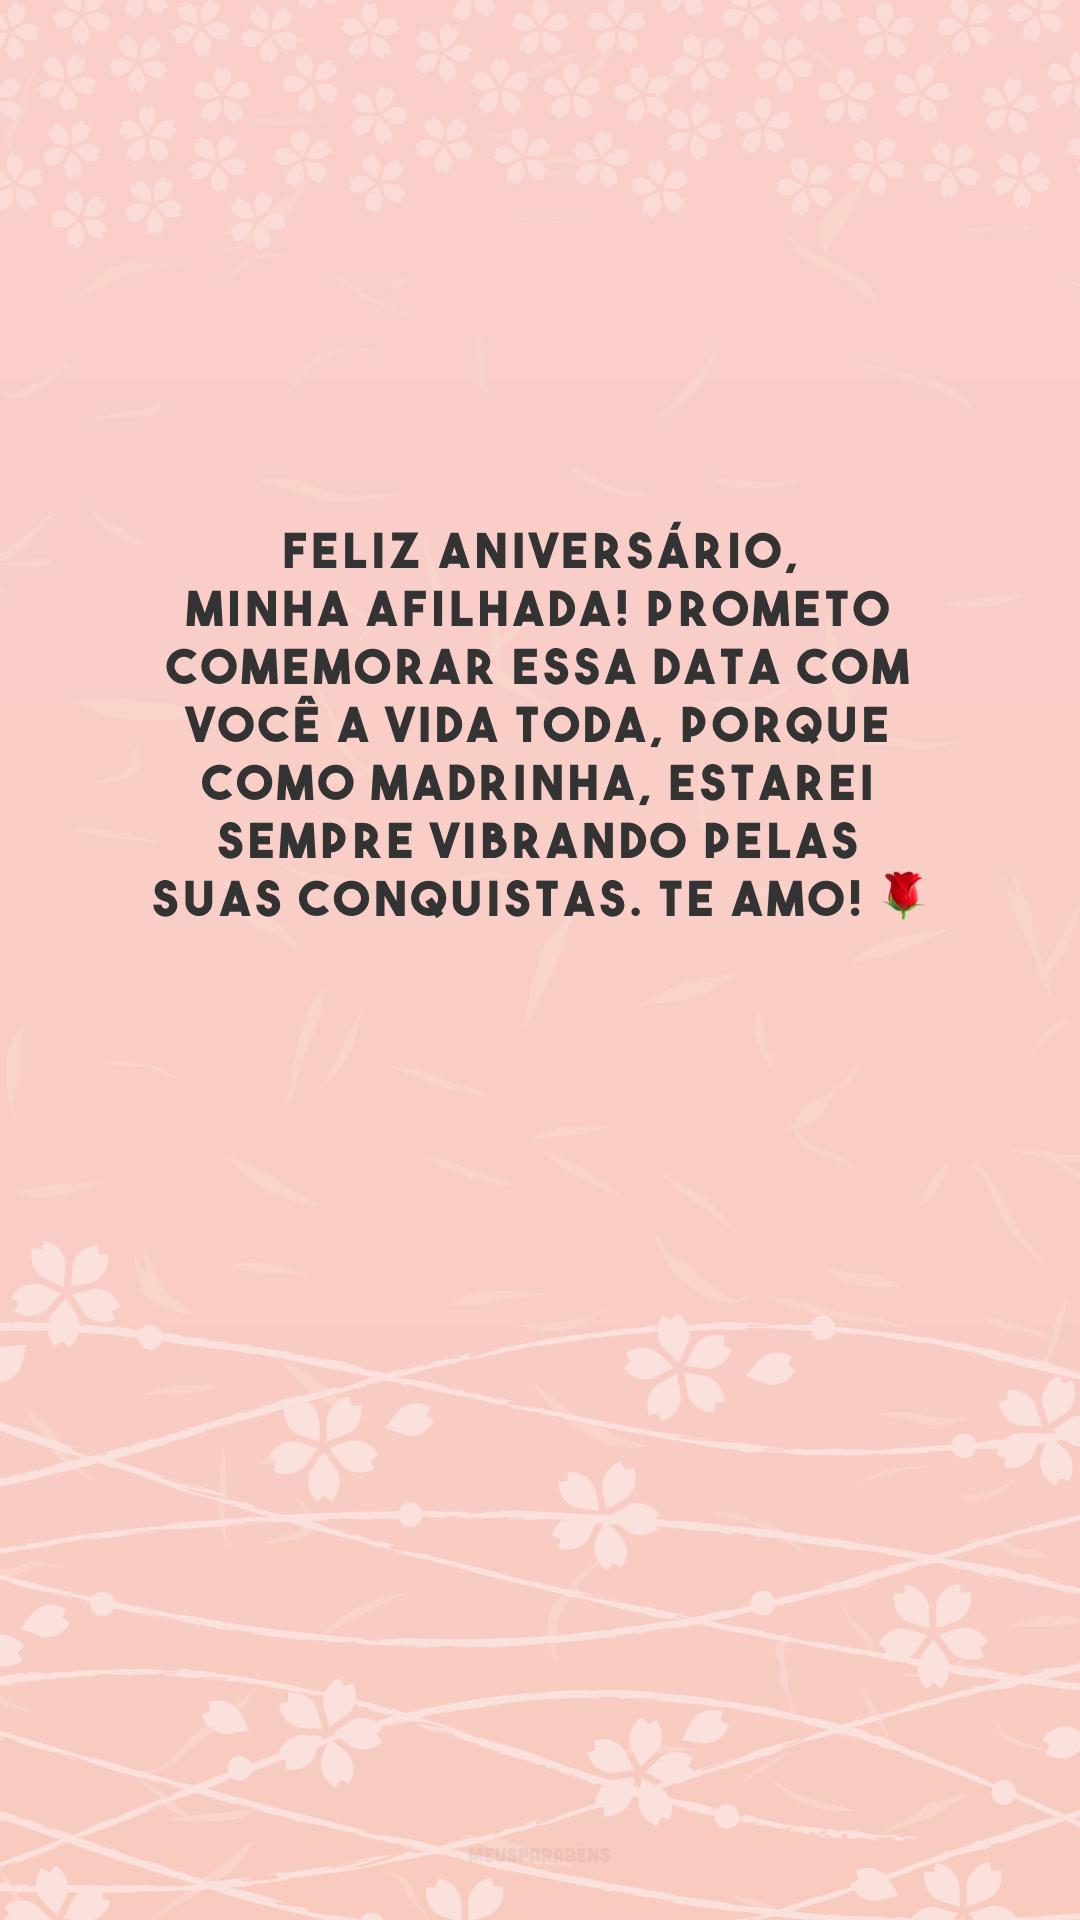 Feliz aniversário, minha afilhada! Prometo comemorar essa data com você a vida toda, porque como madrinha, estarei sempre vibrando pelas suas conquistas. Te amo! 🌹